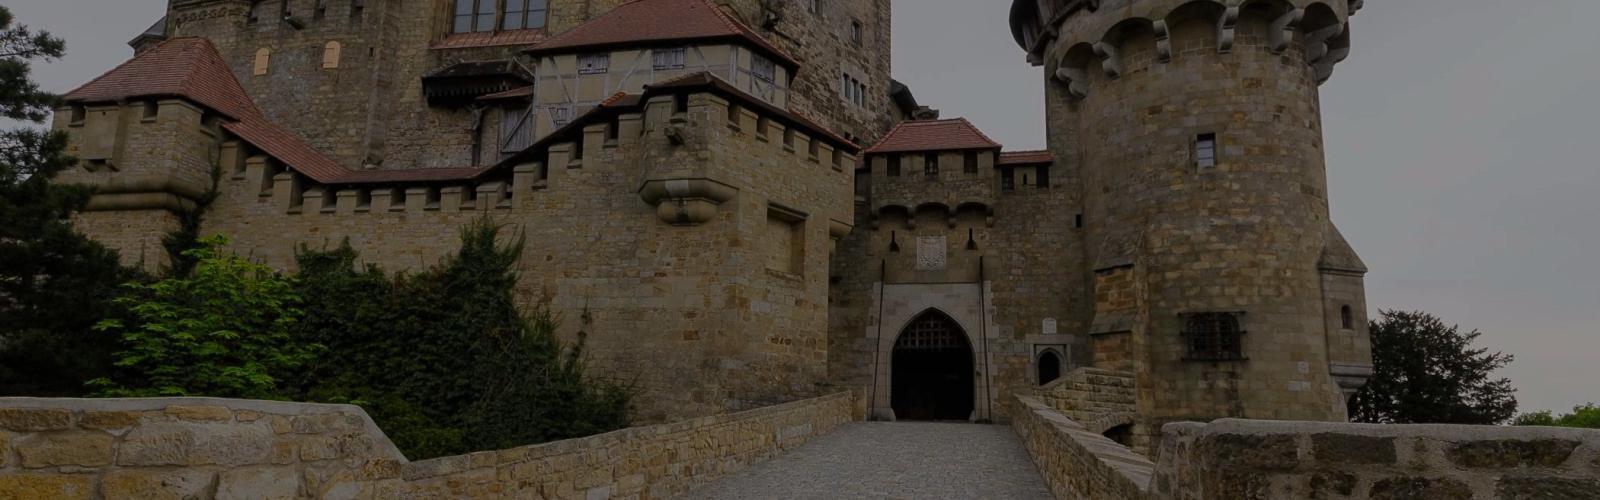 Автомобильная экскурсия в замок Кройценштайн